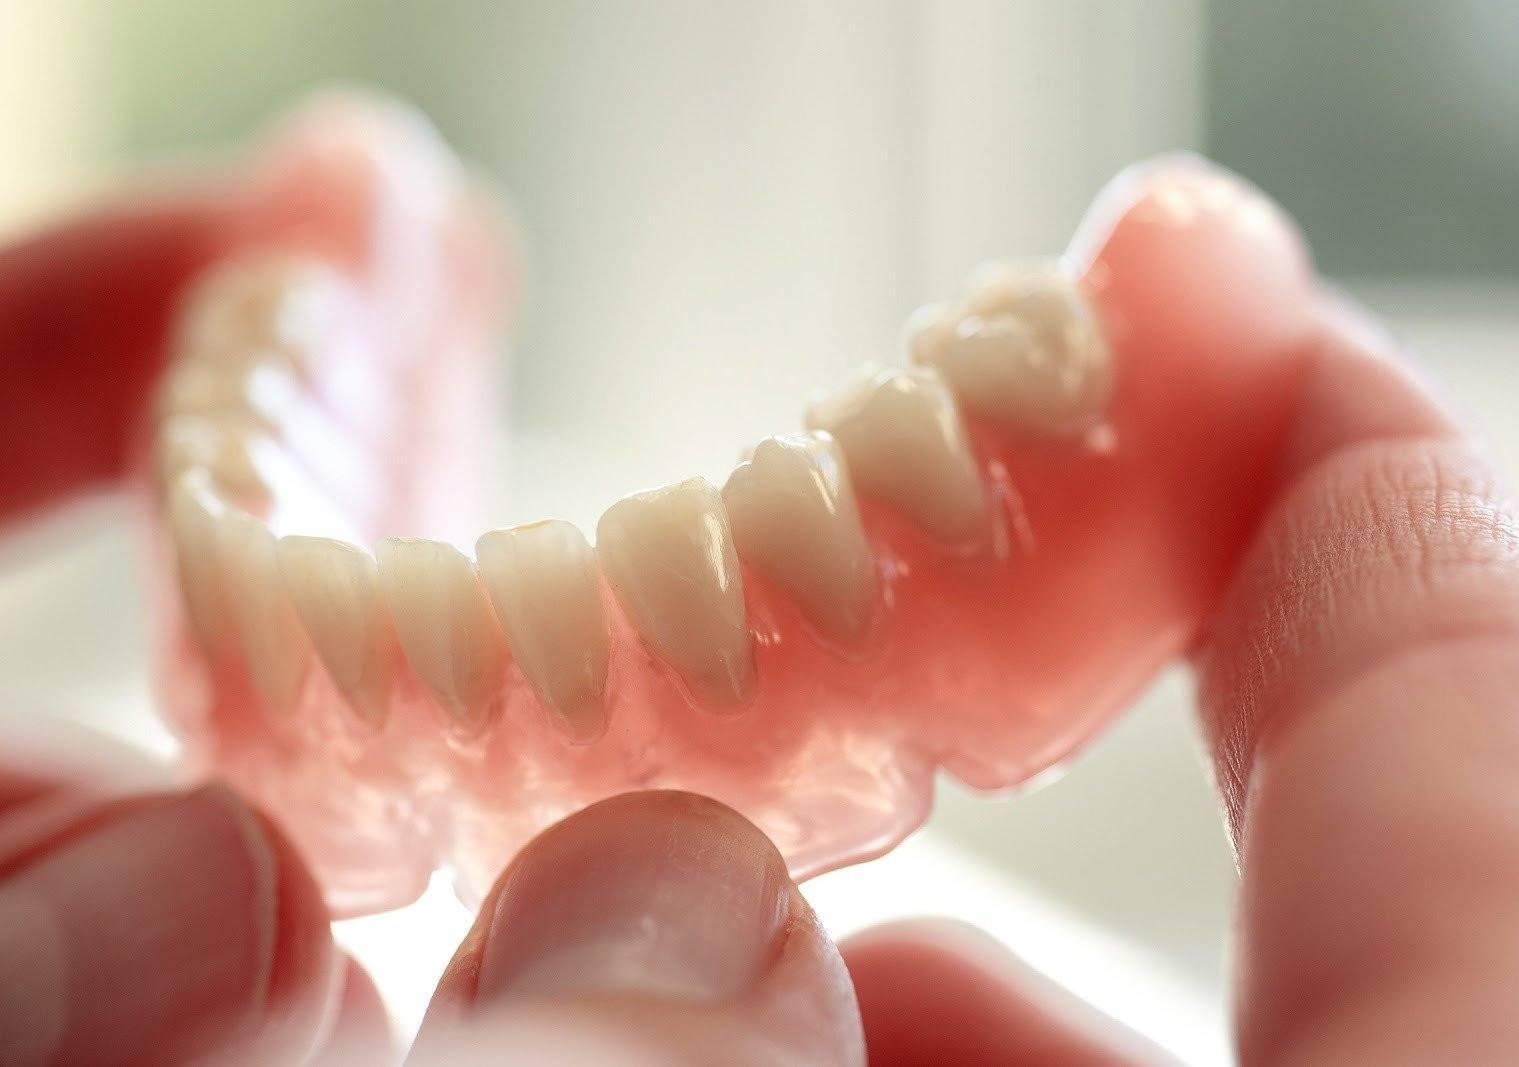 детские зубные протезы